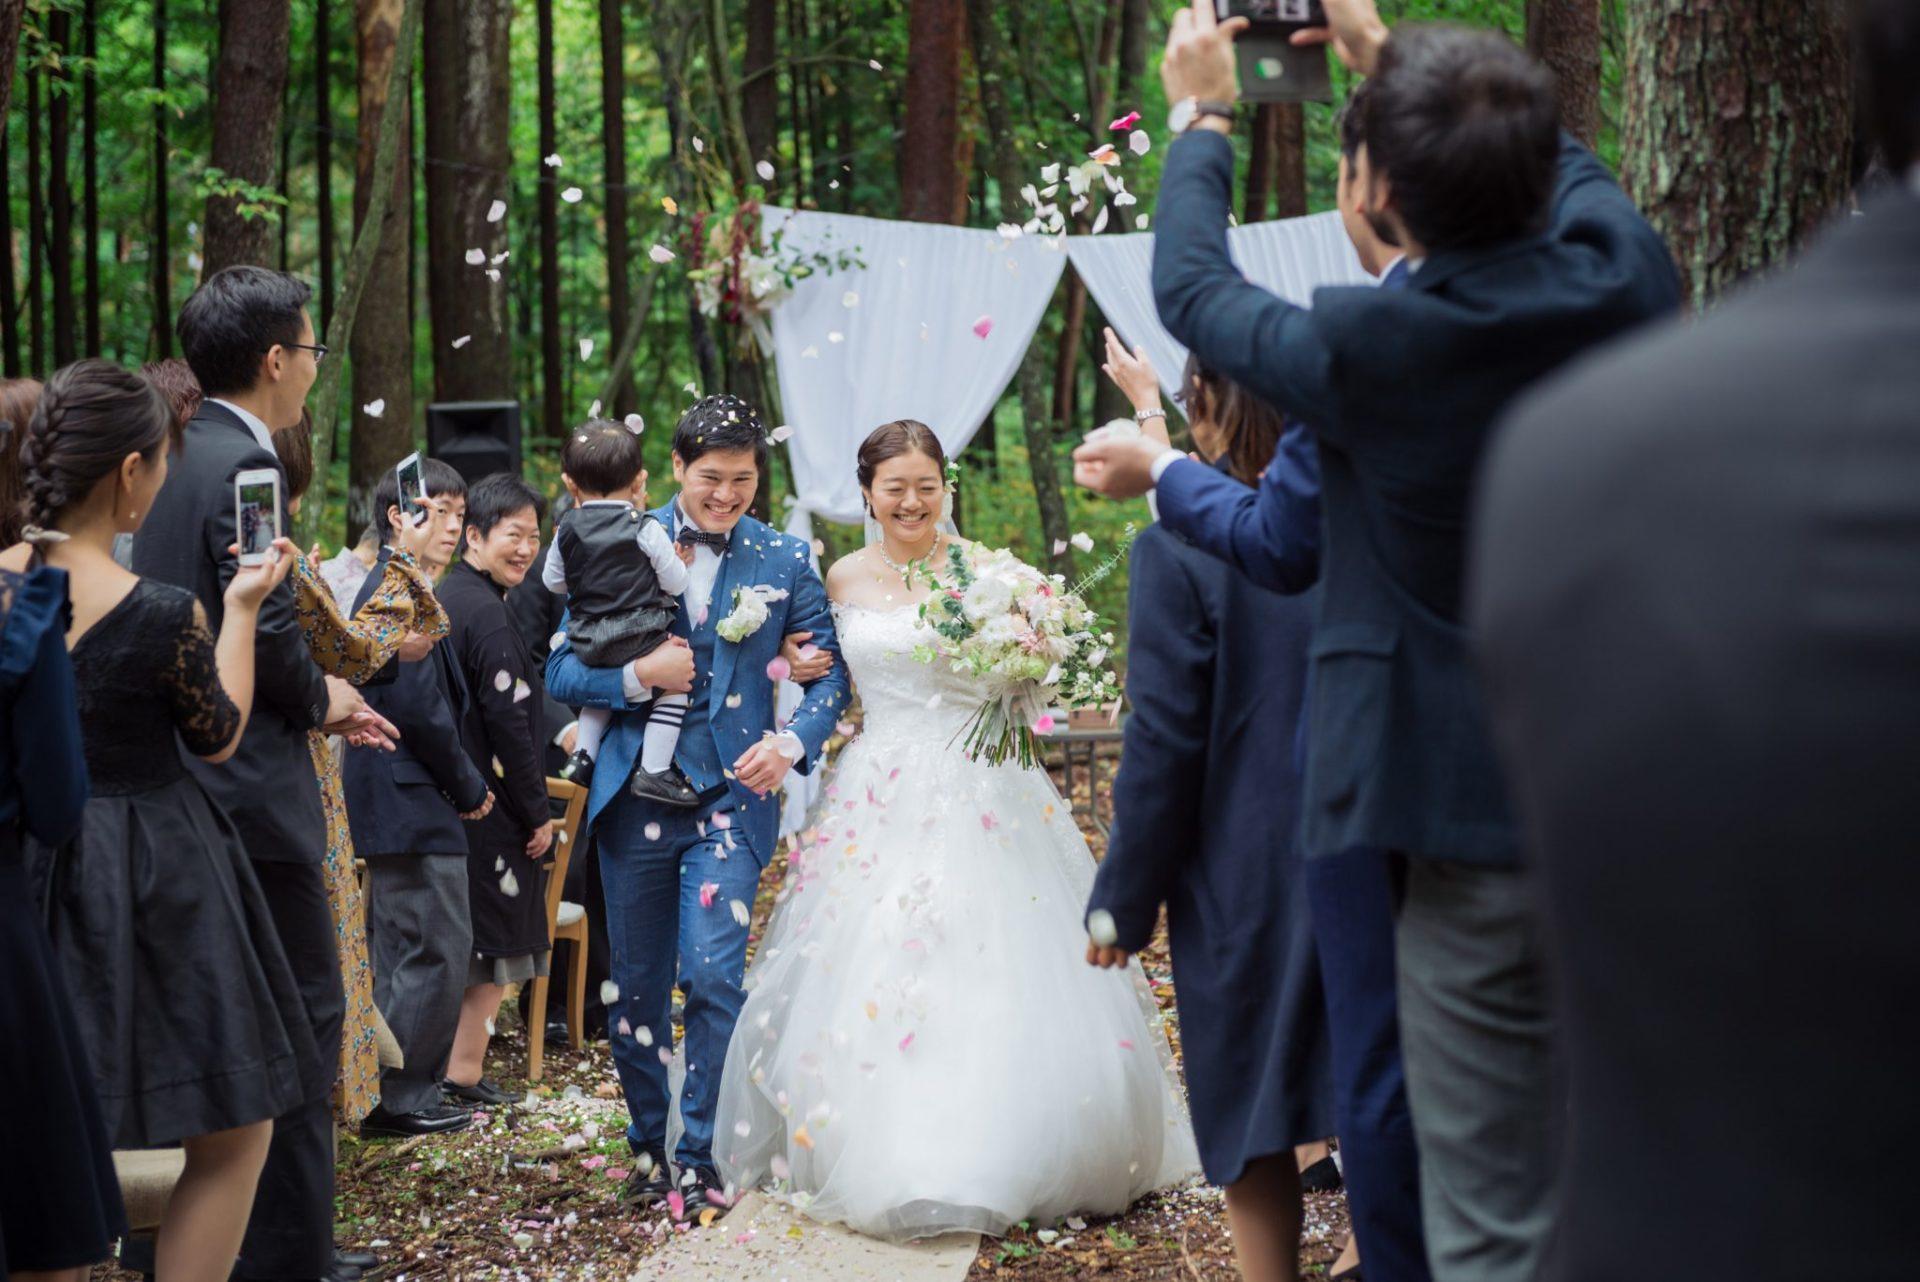 べるが(verga)での結婚式-フラワーシャワー